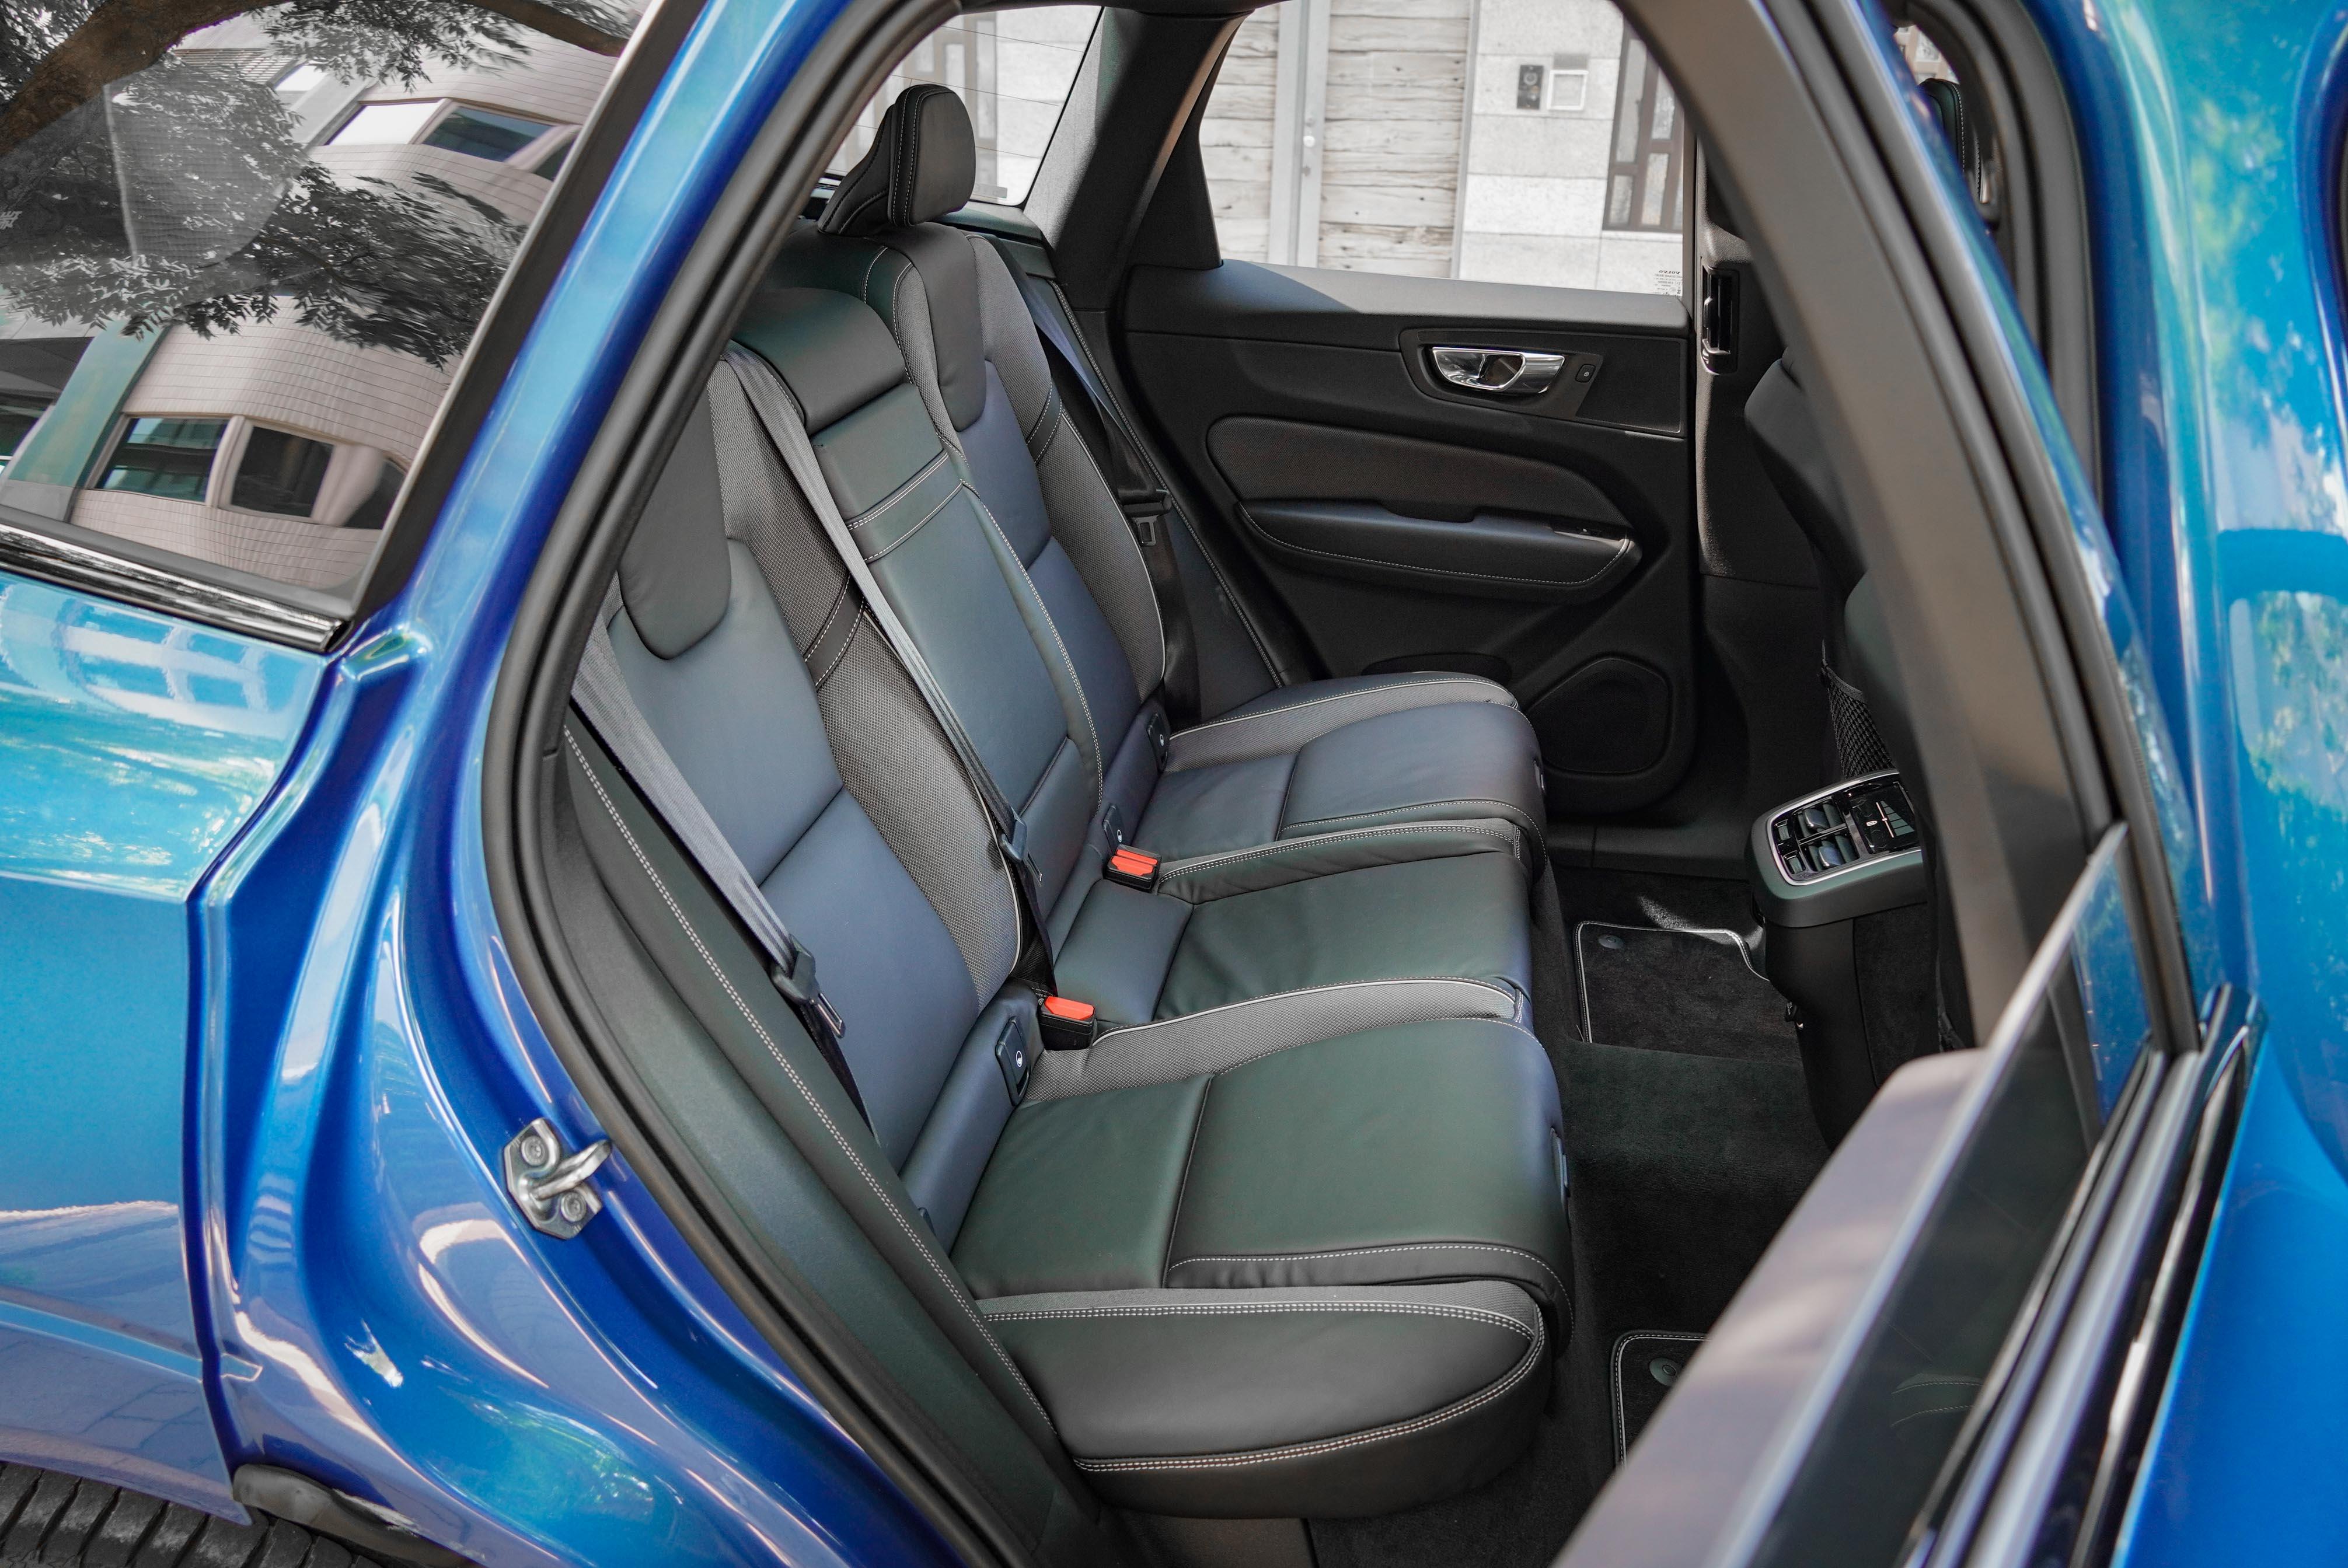 後座受限於四輪傳動系統的隆起,中央乘客會犧牲部分腿部空間。